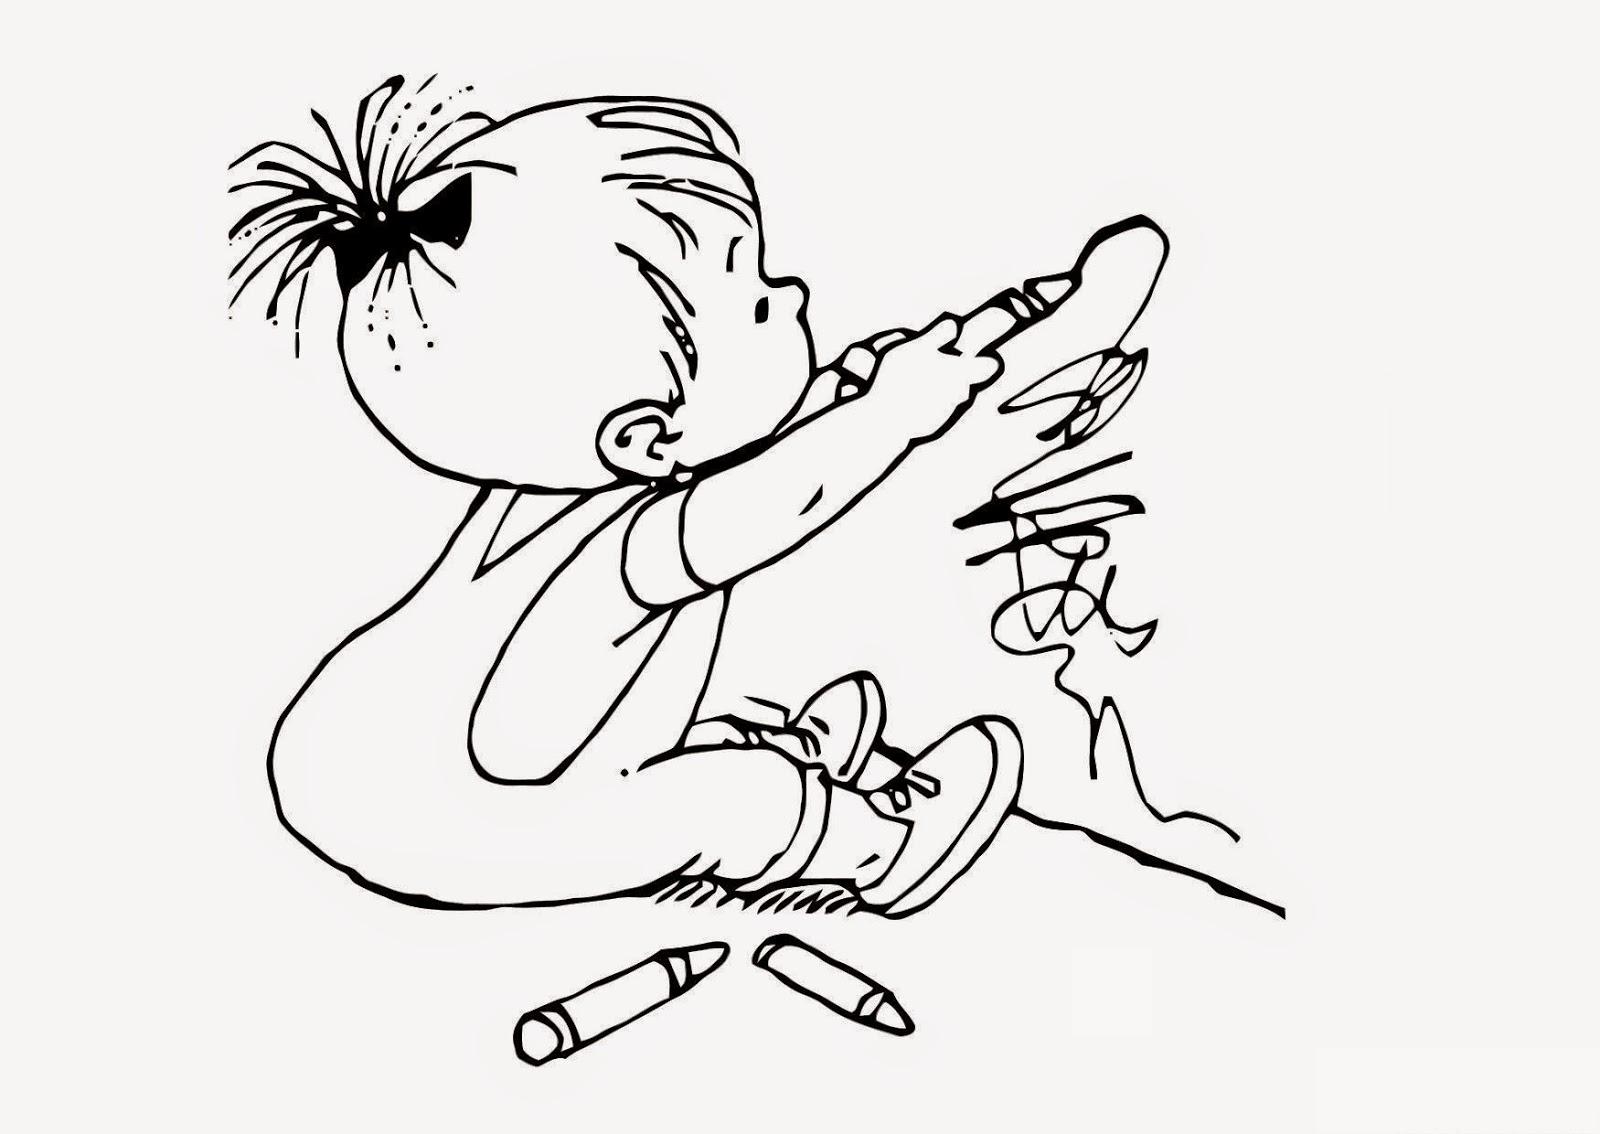 Dibujos Para Dibujar En La Pared - Decoración Del Hogar - Prosalo.com